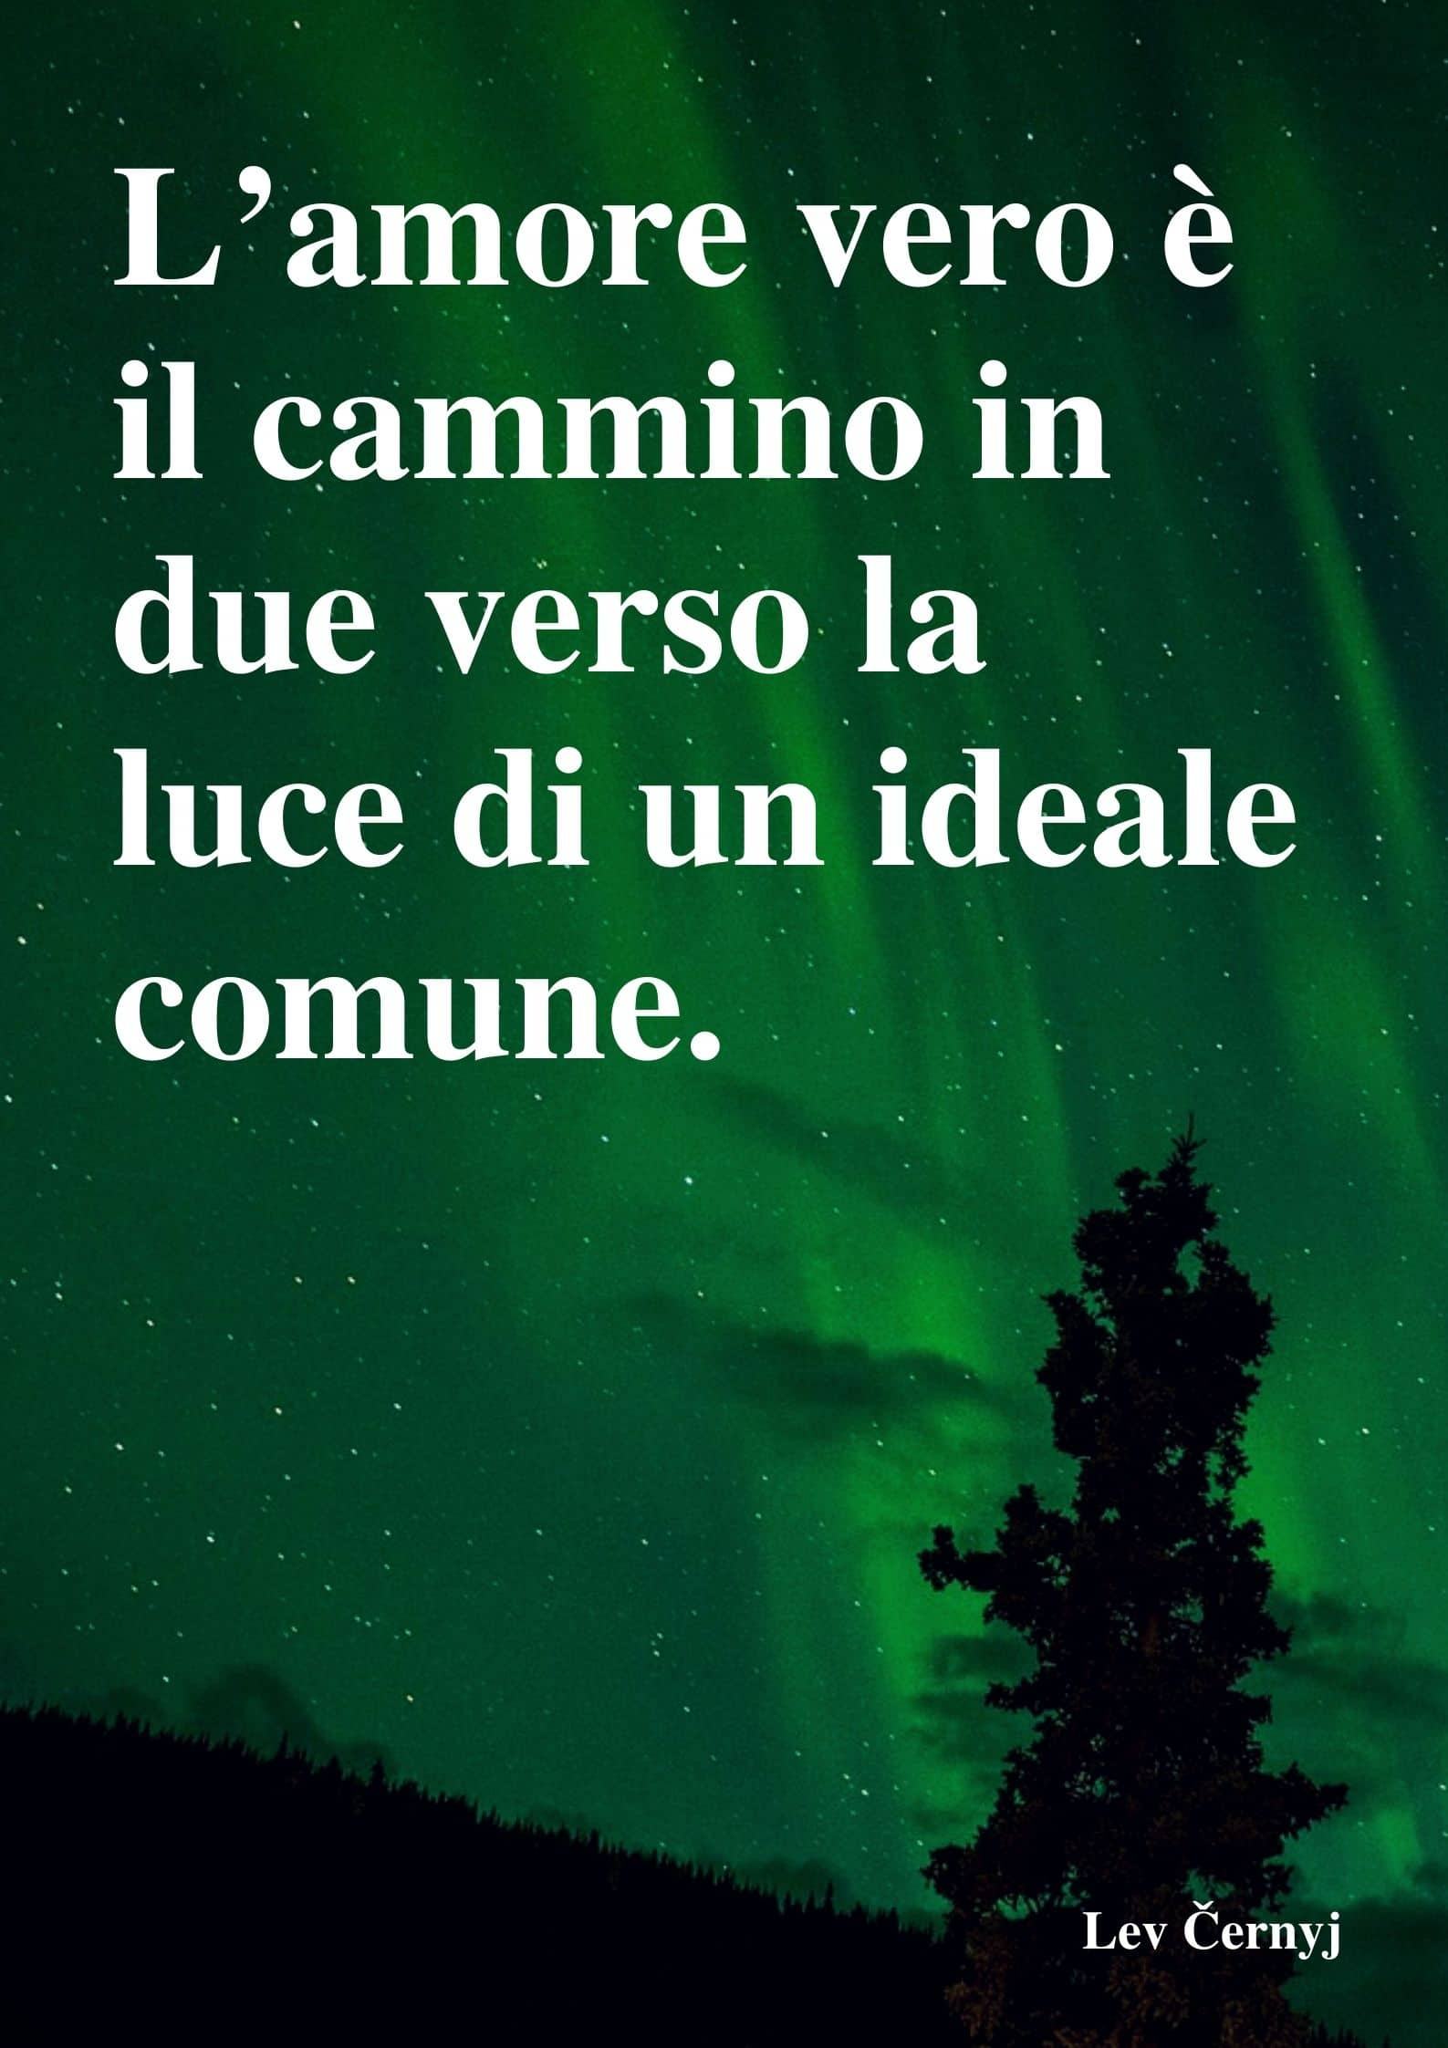 L'amore vero è il cammino in due verso la luce di un ideale comune.